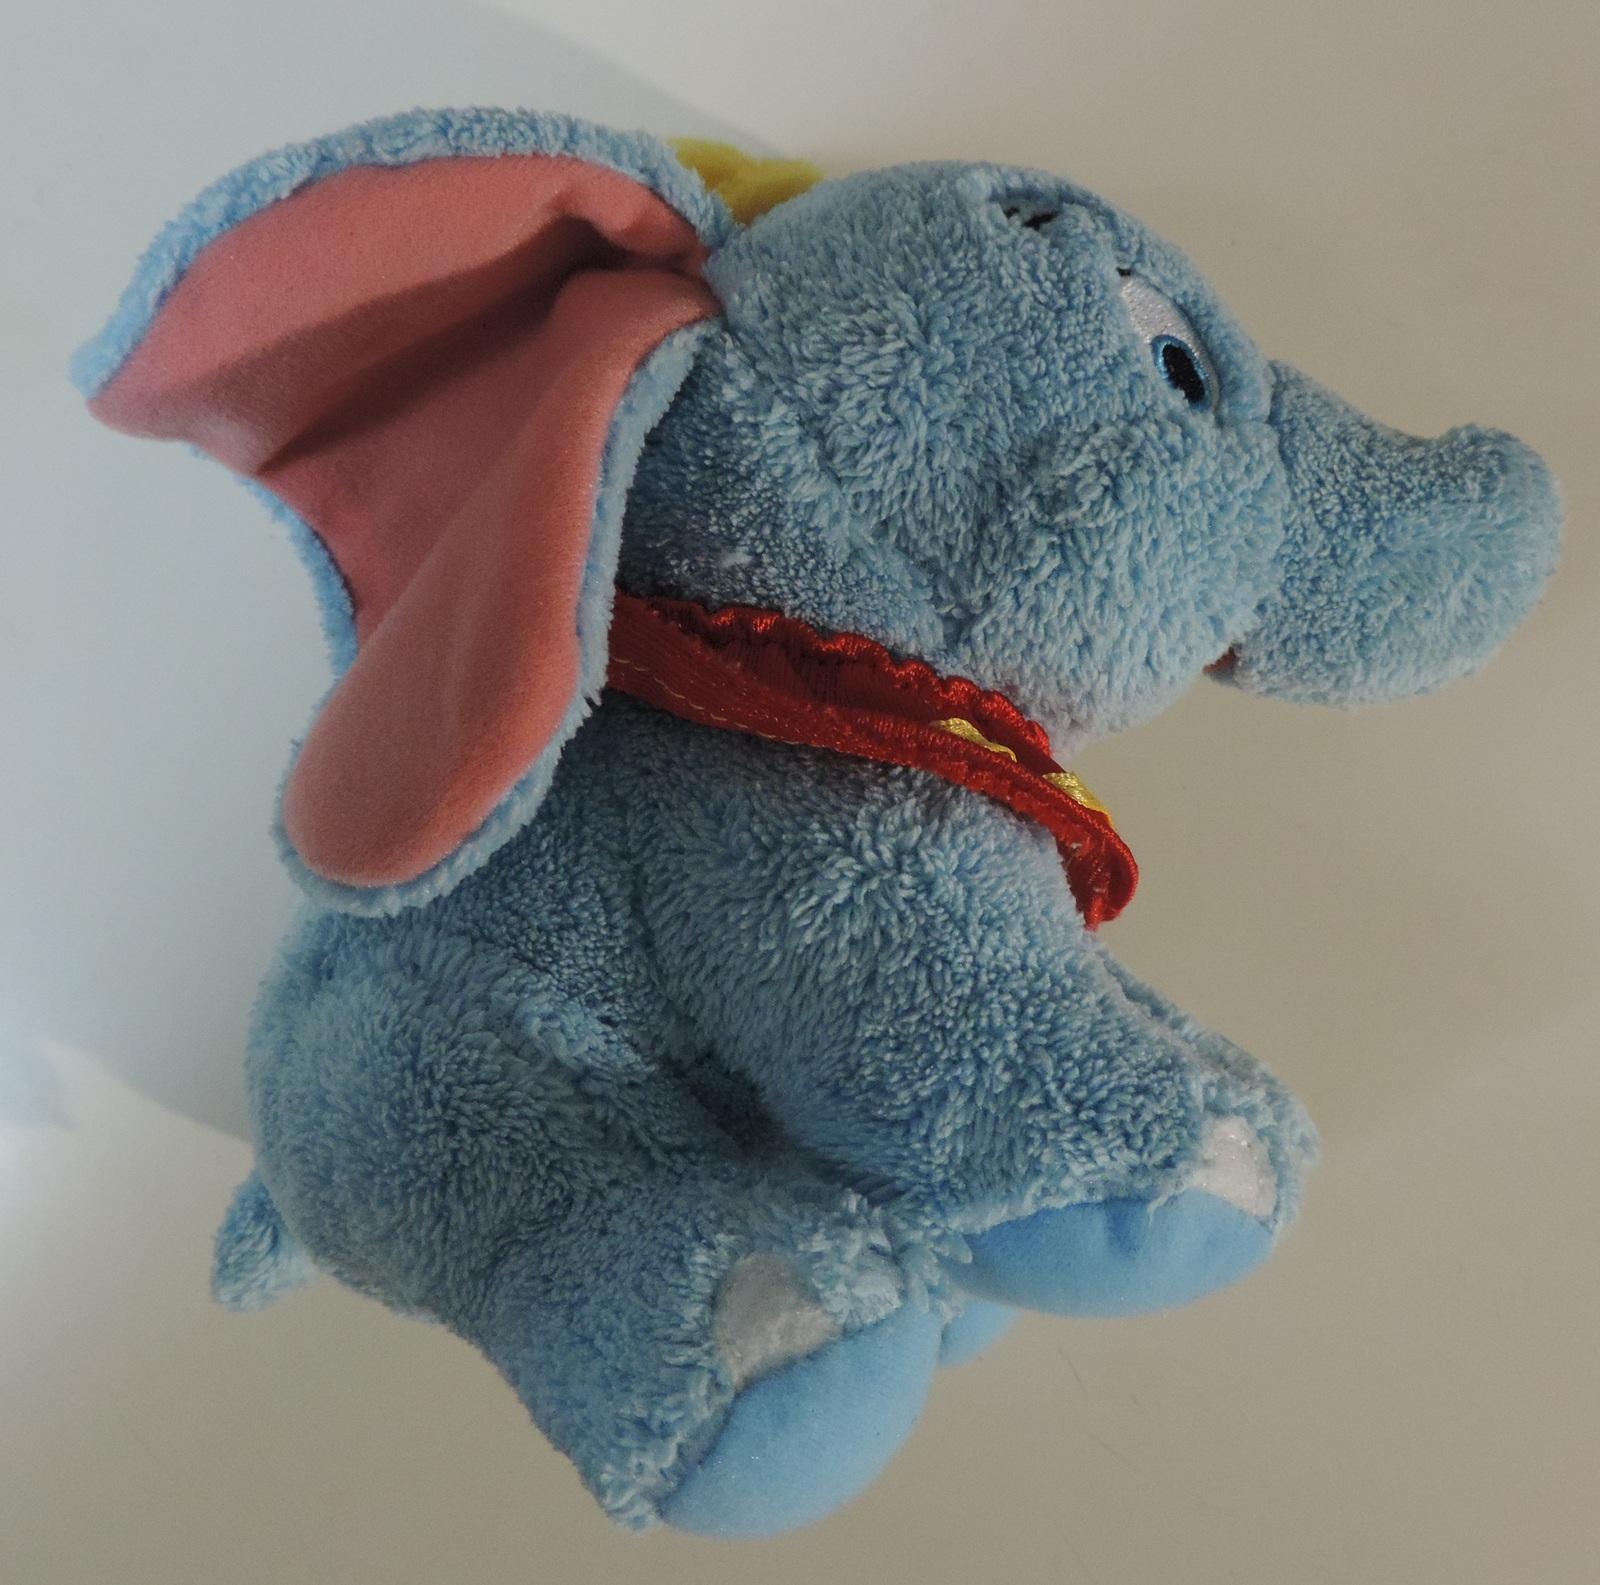 Disney Dumbo 6 inch plush elephant - Like New